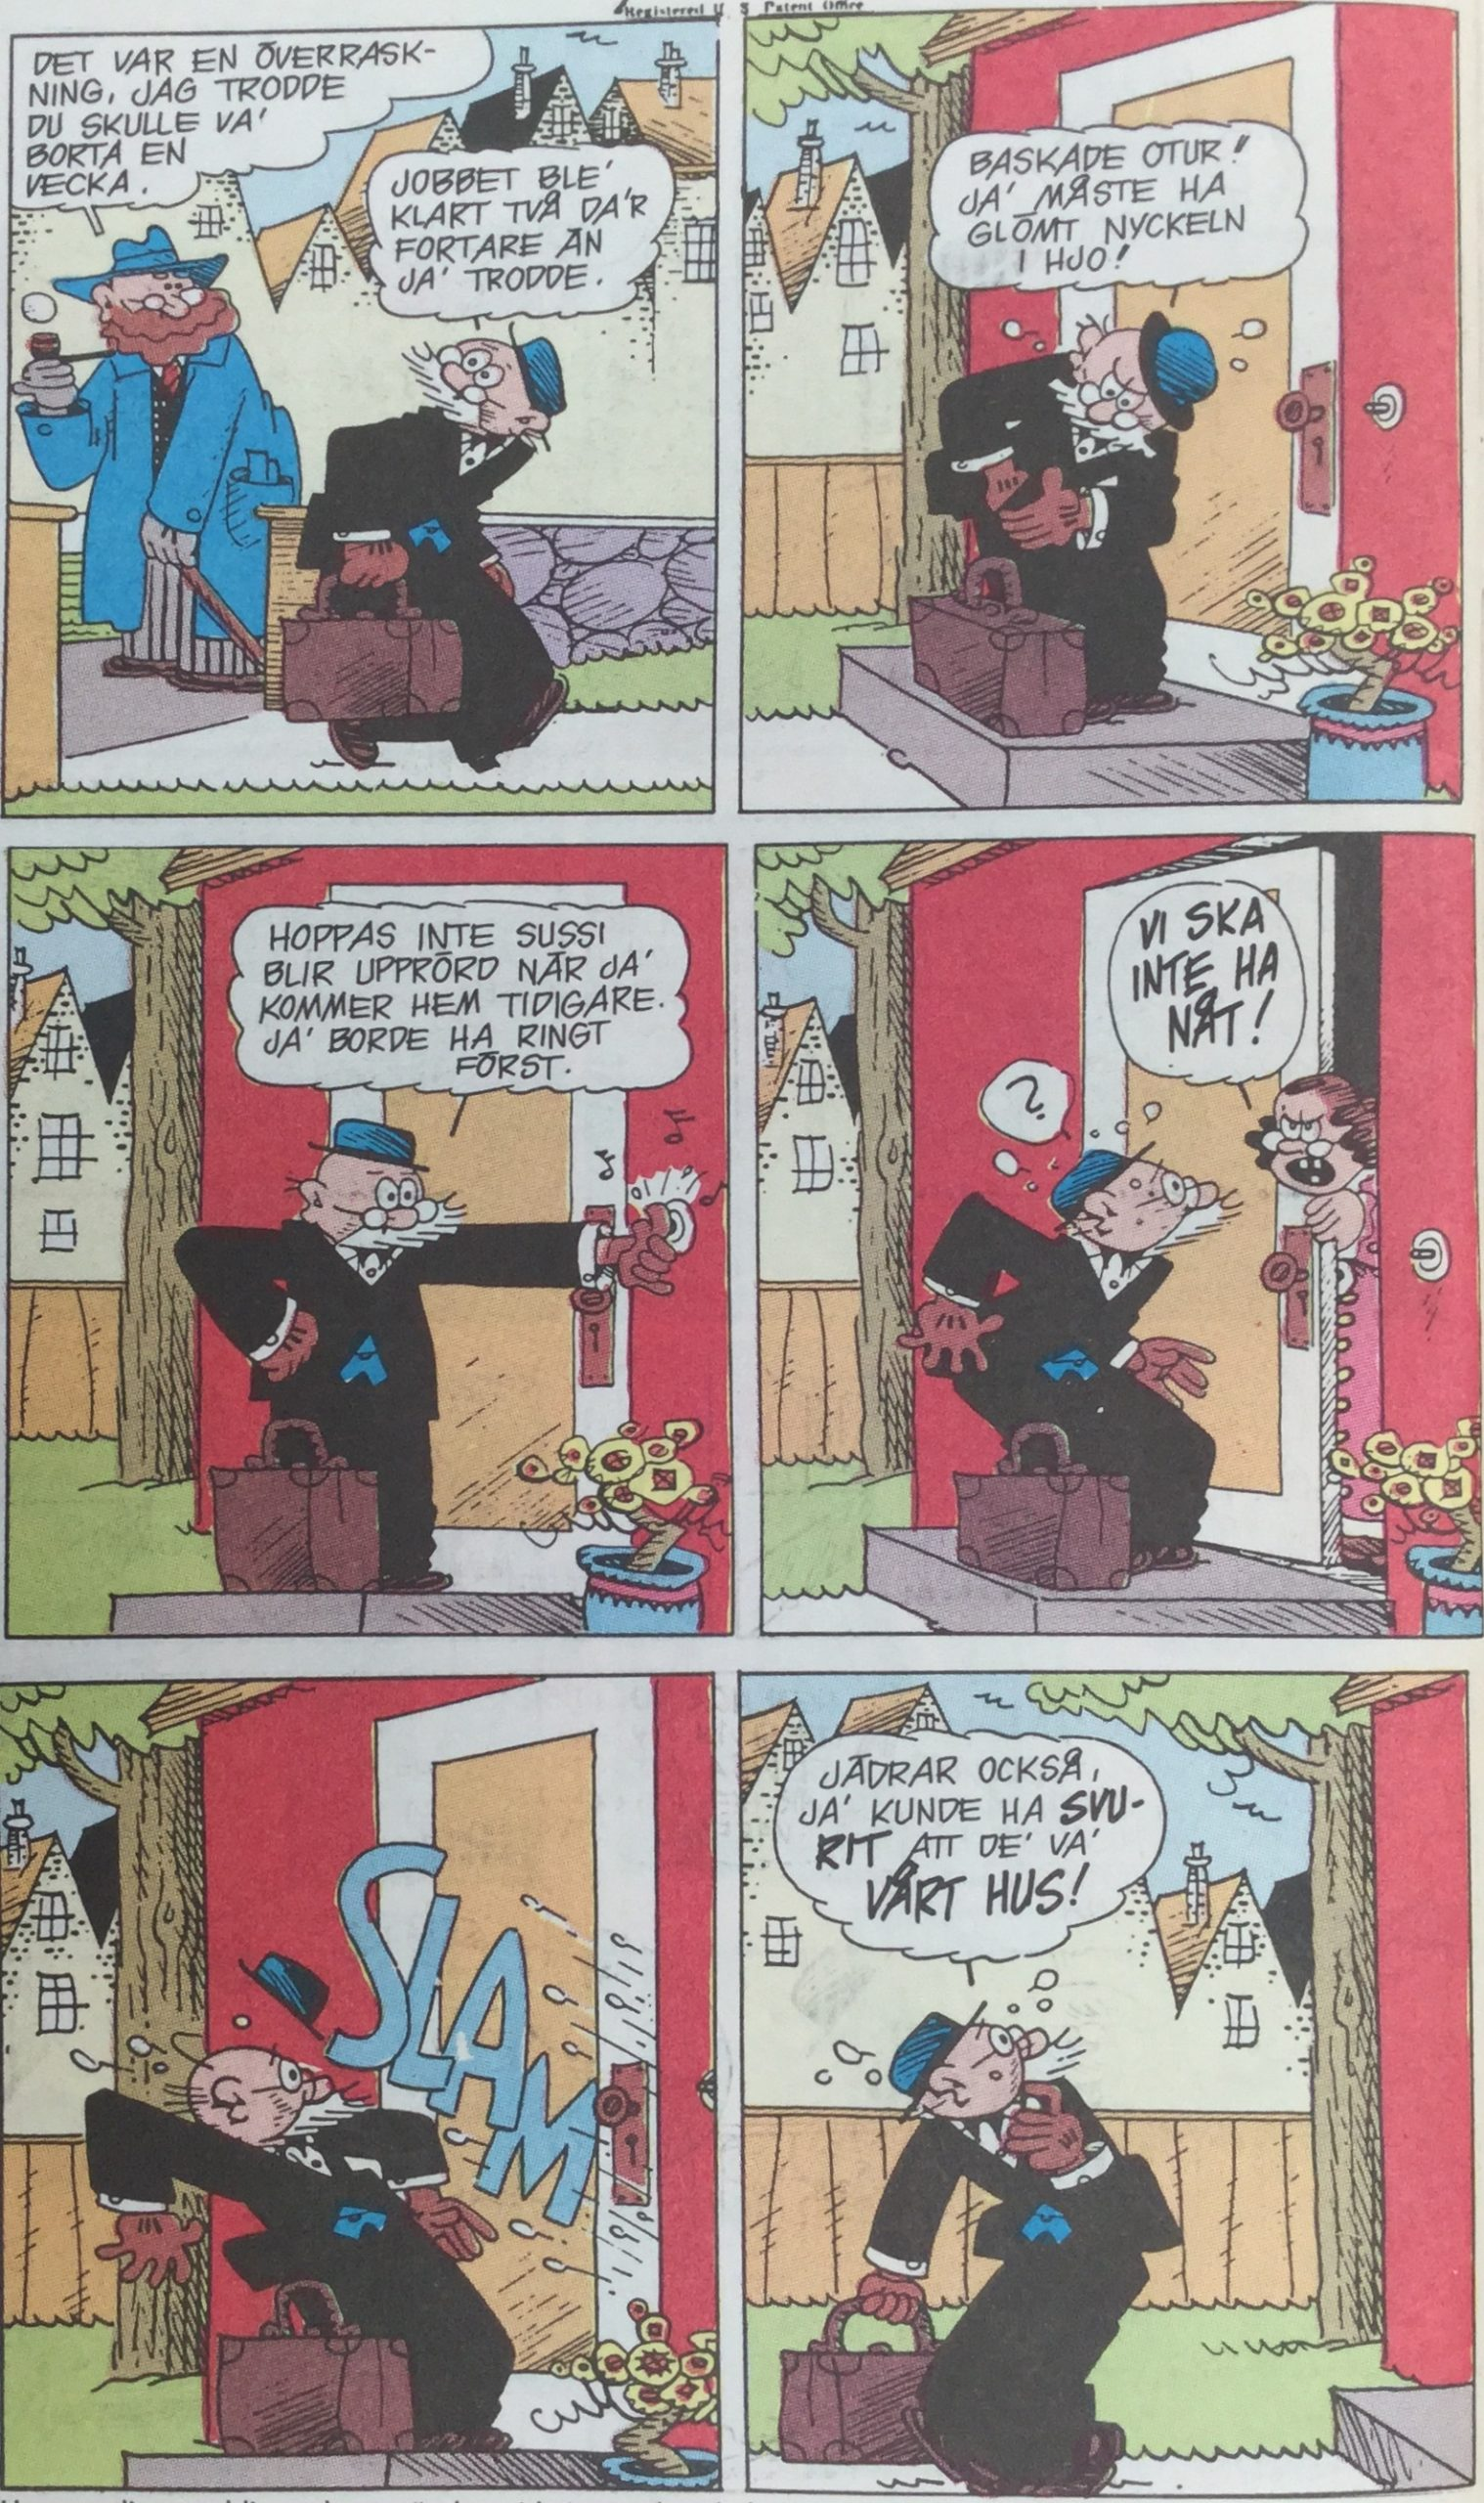 Polly and Her Pals av Cliff Sterrett från SeriePressen nr 9, 1993 - del 1